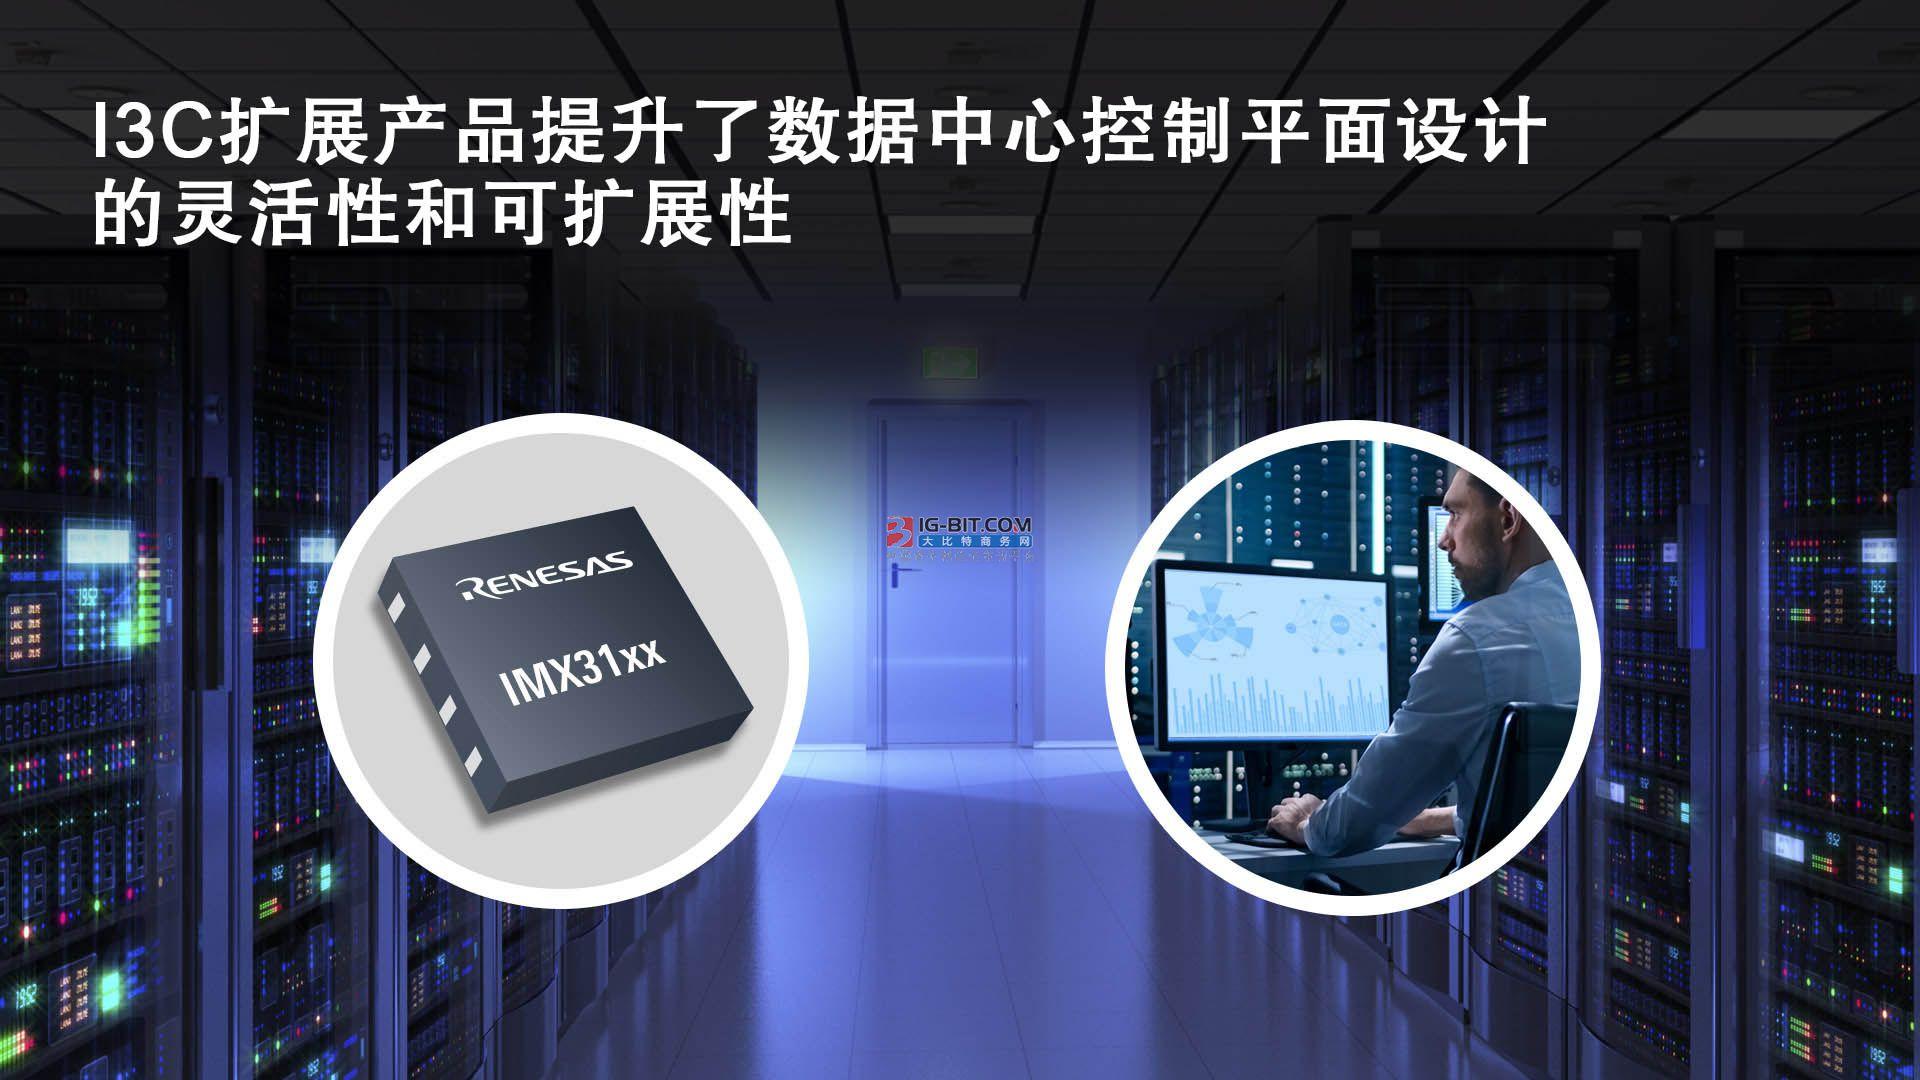 瑞薩電子推出全新I3C總線擴展產品